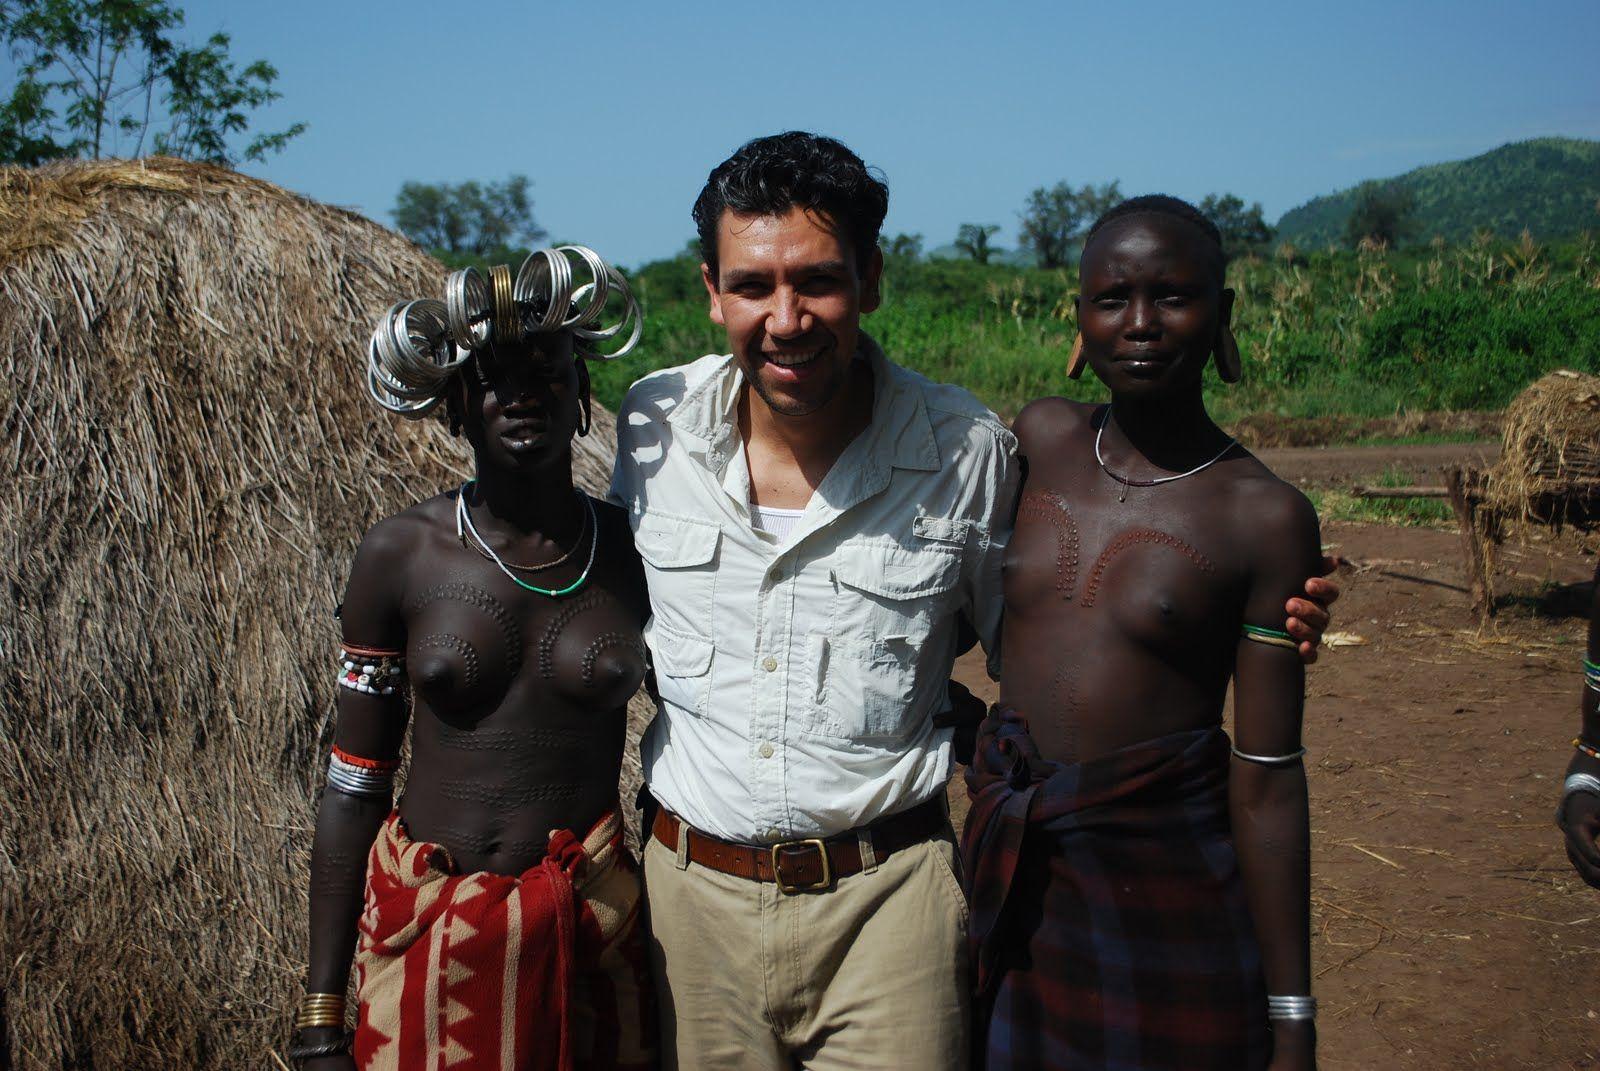 powerpuff-girls-african-naked-women-in-village-boy-nudist